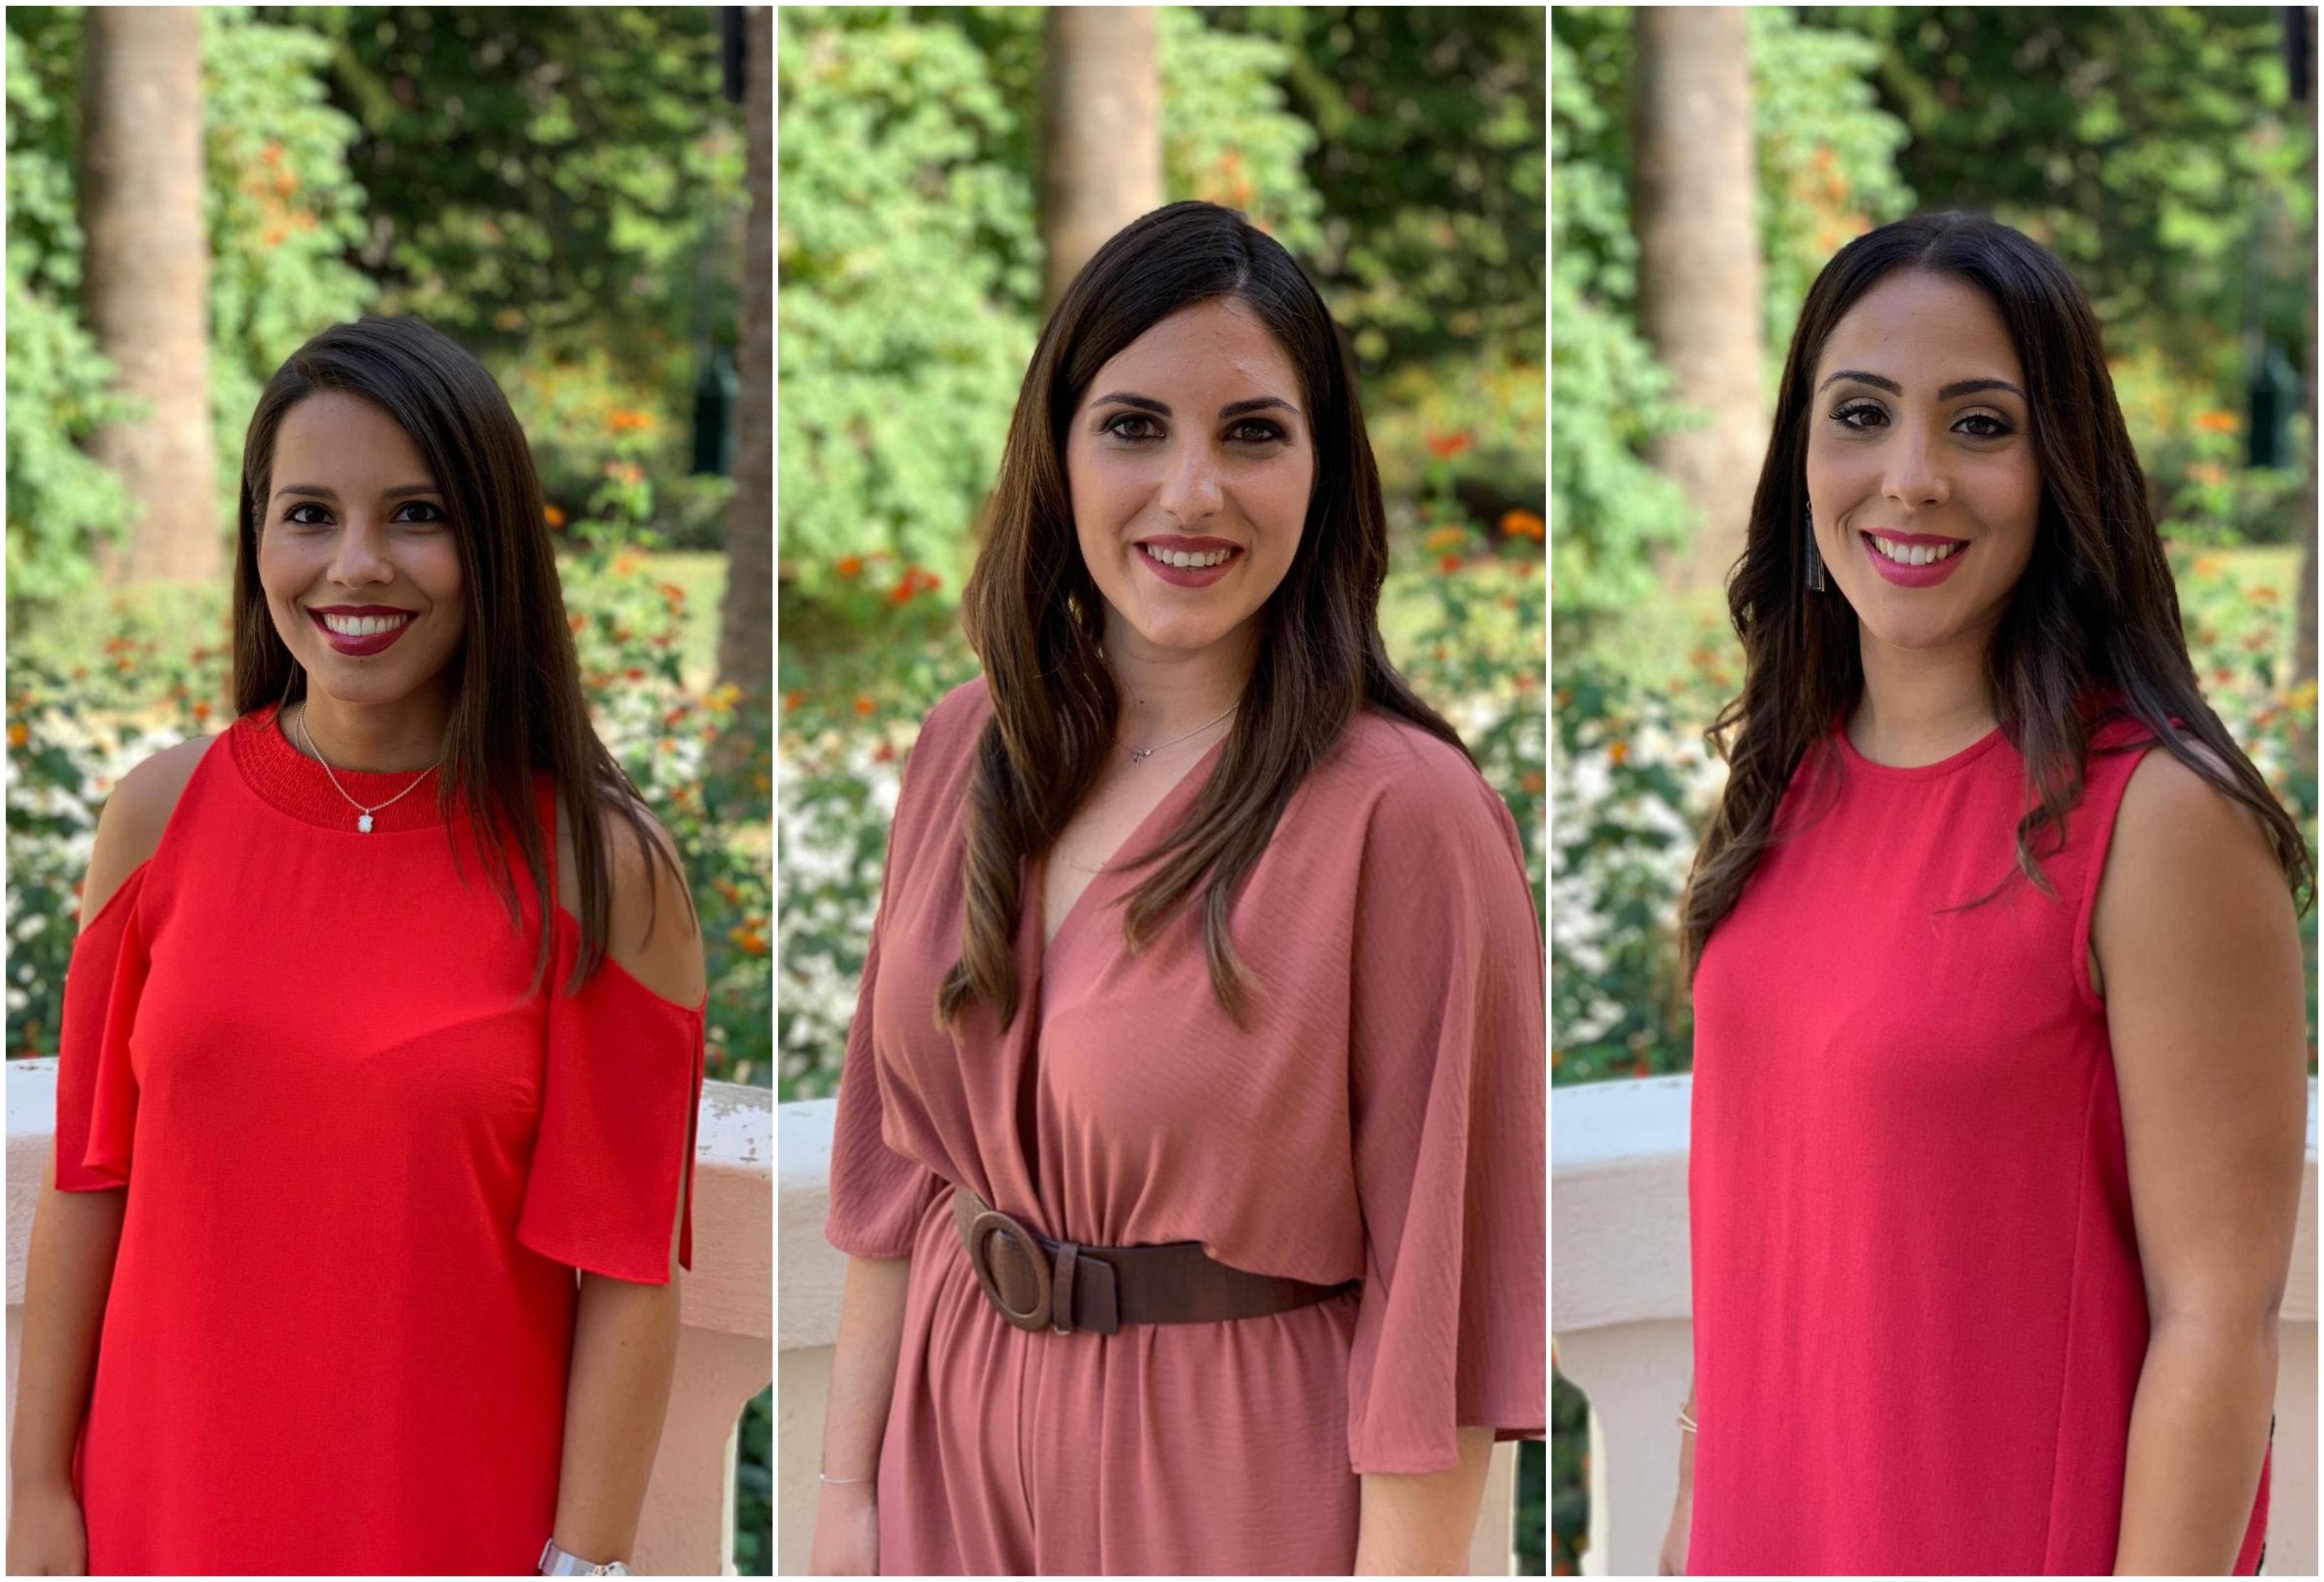 Candidatas FMV sector Quart de Poblet-Xirivella